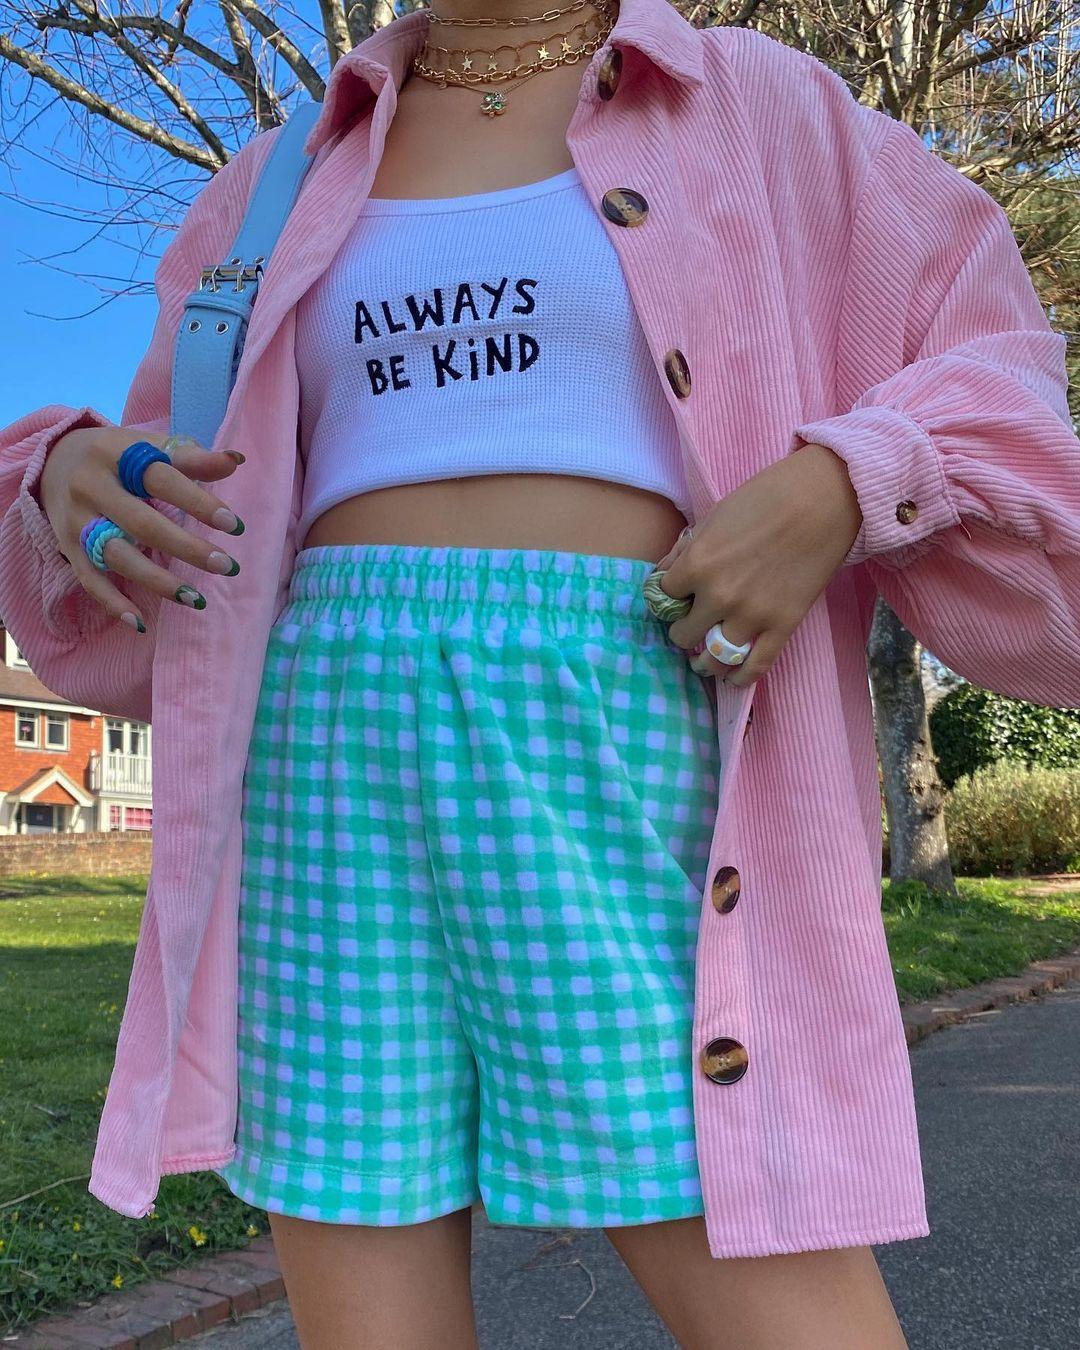 Garota usando top cropped branco escrito